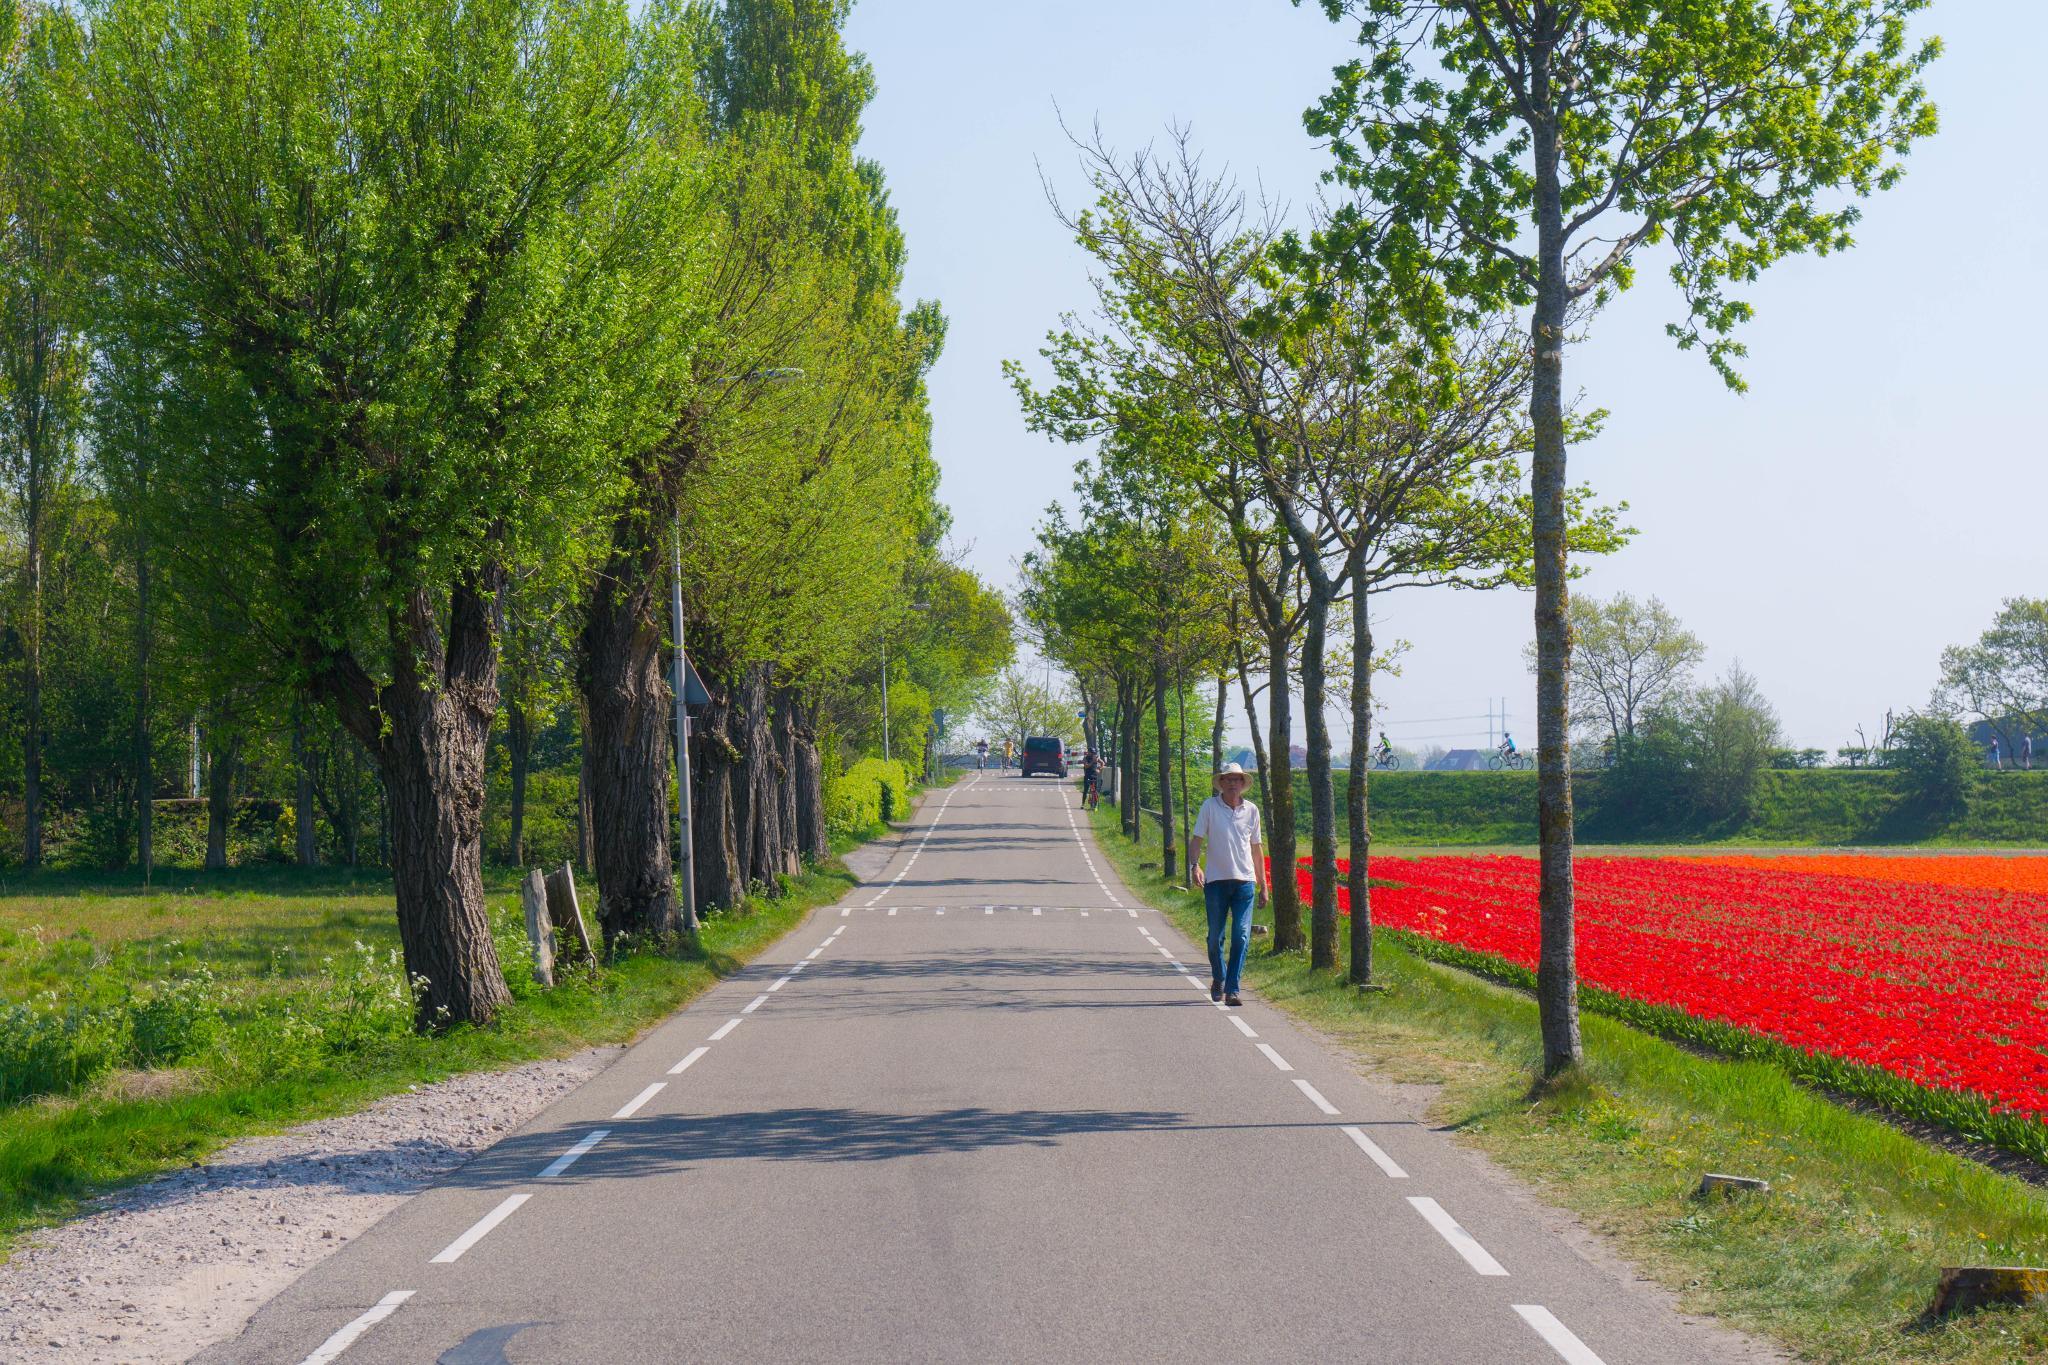 【荷蘭印象】花田嬉事:荷蘭單車花之路 30